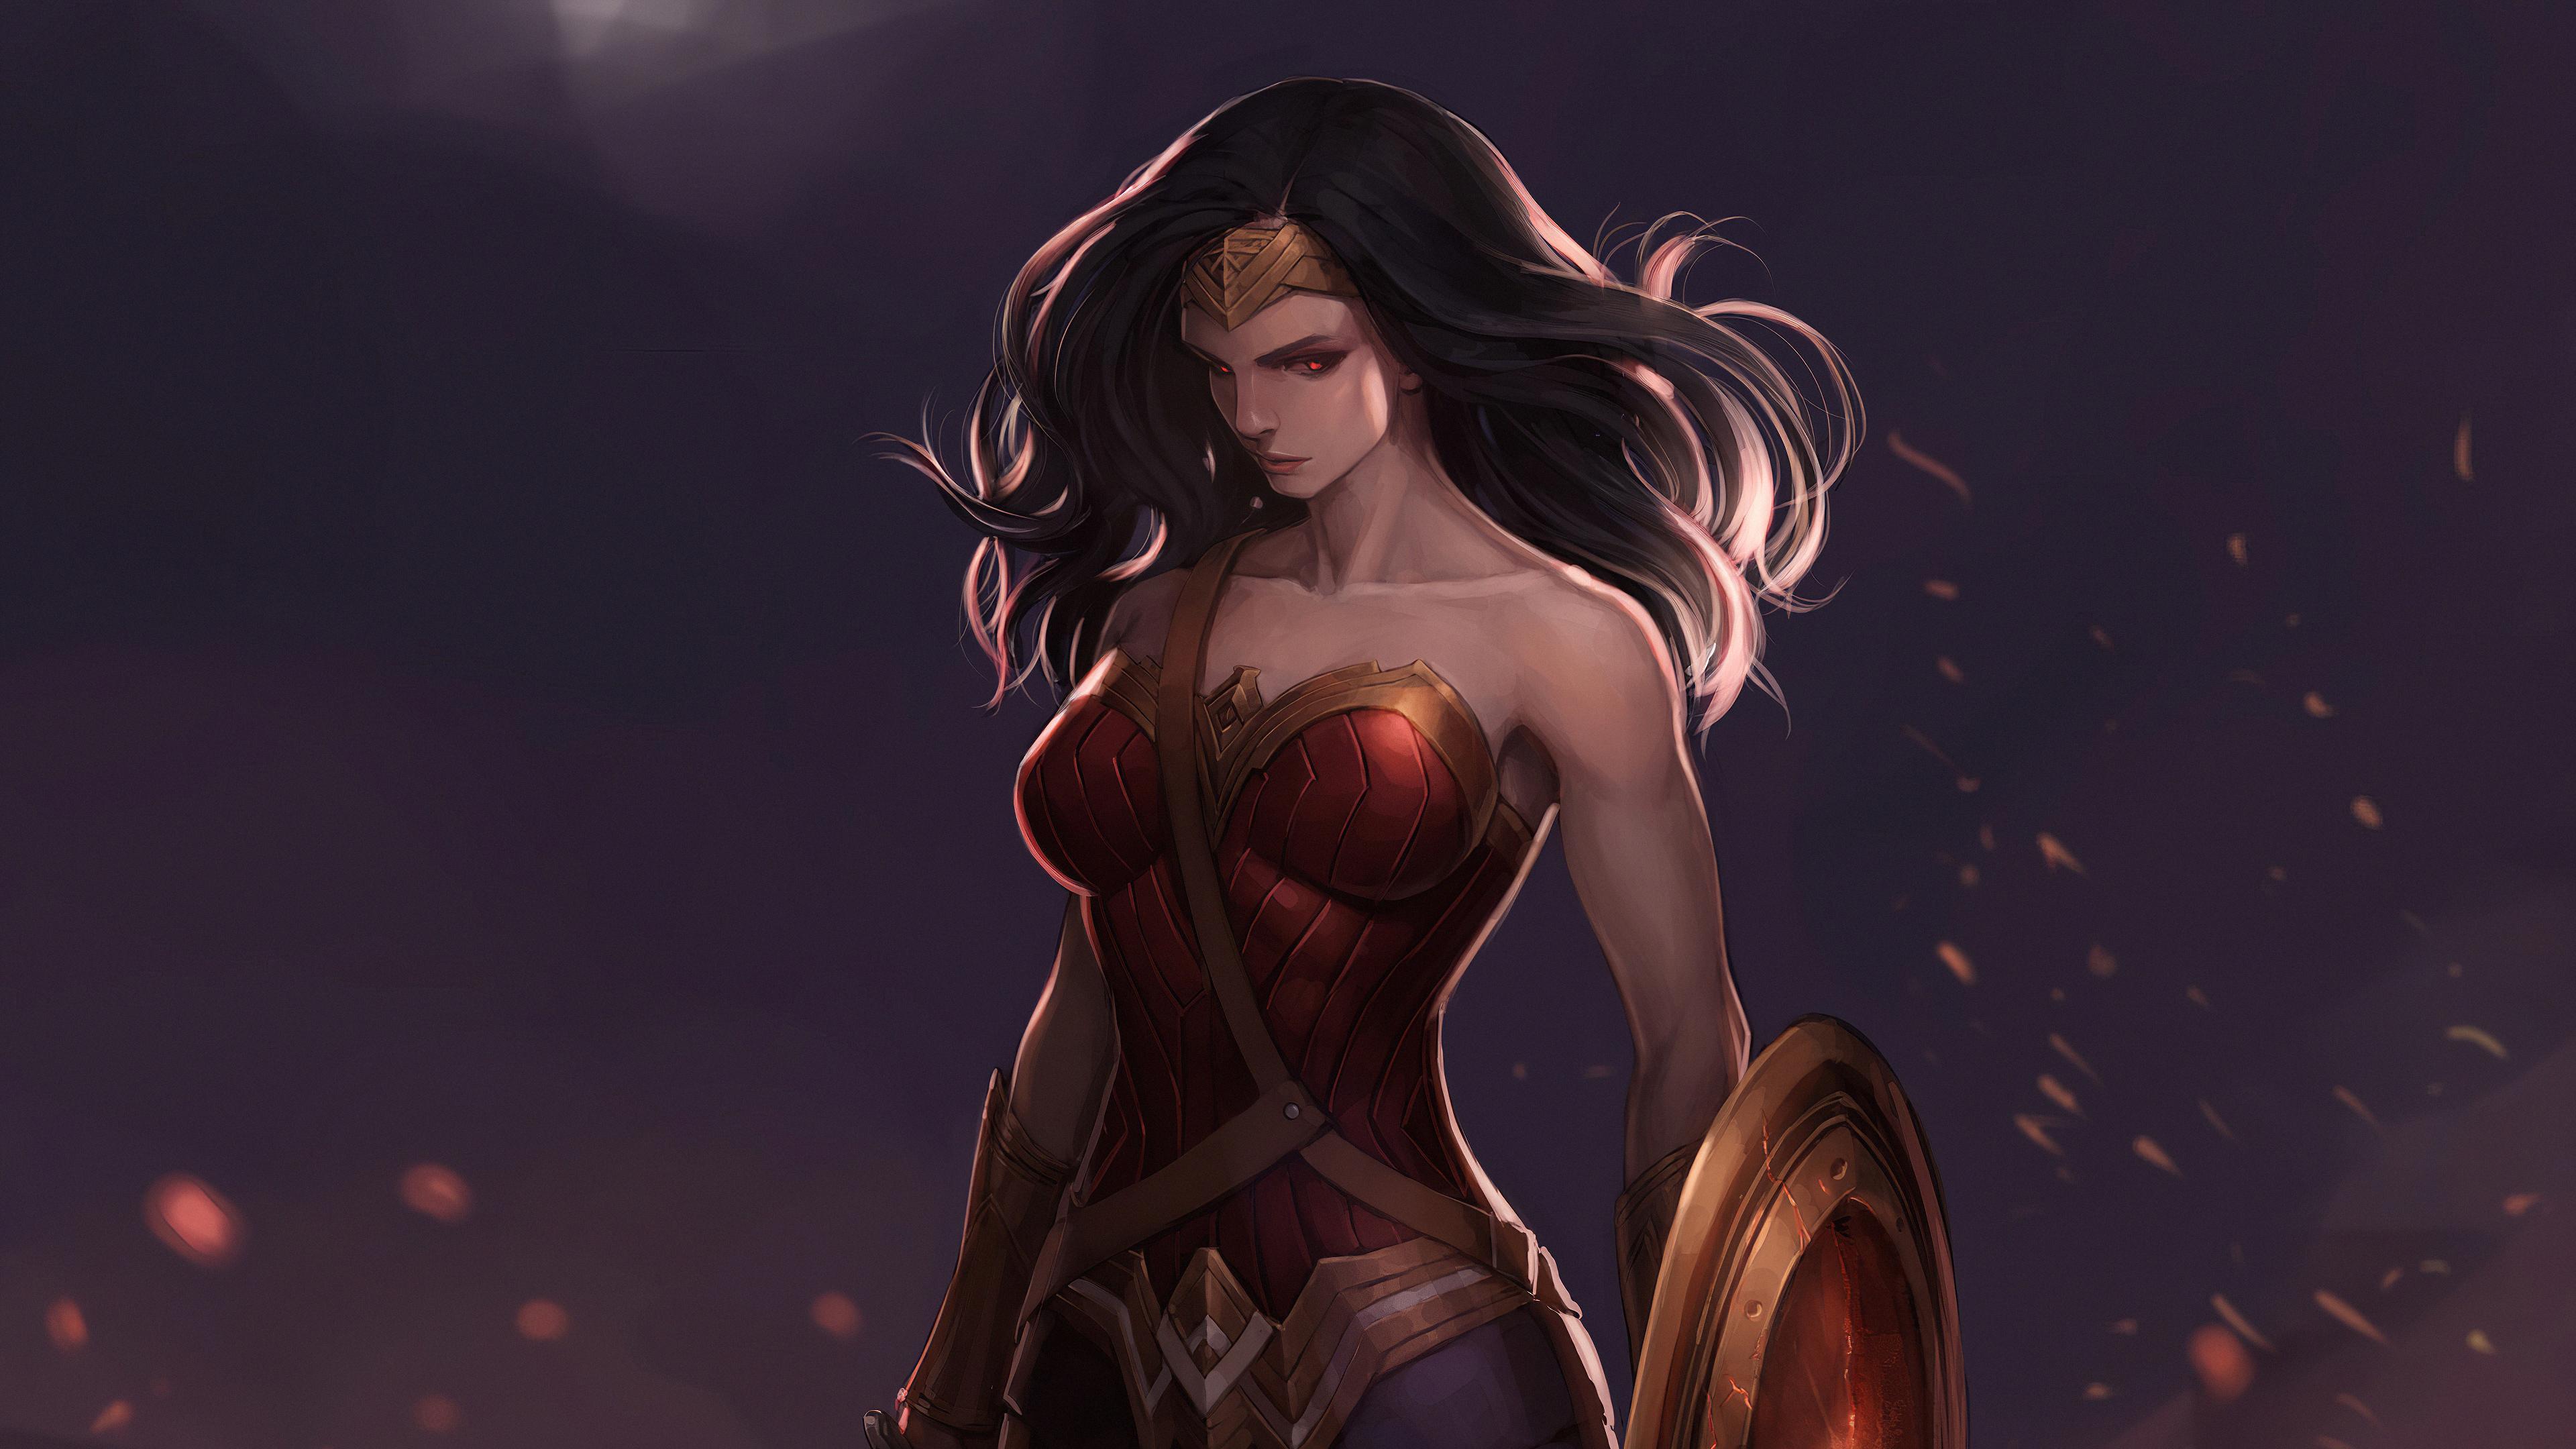 wonder woman dark art 1576090213 - Wonder Woman Dark Art - wonder woman hd 4k wallpapers